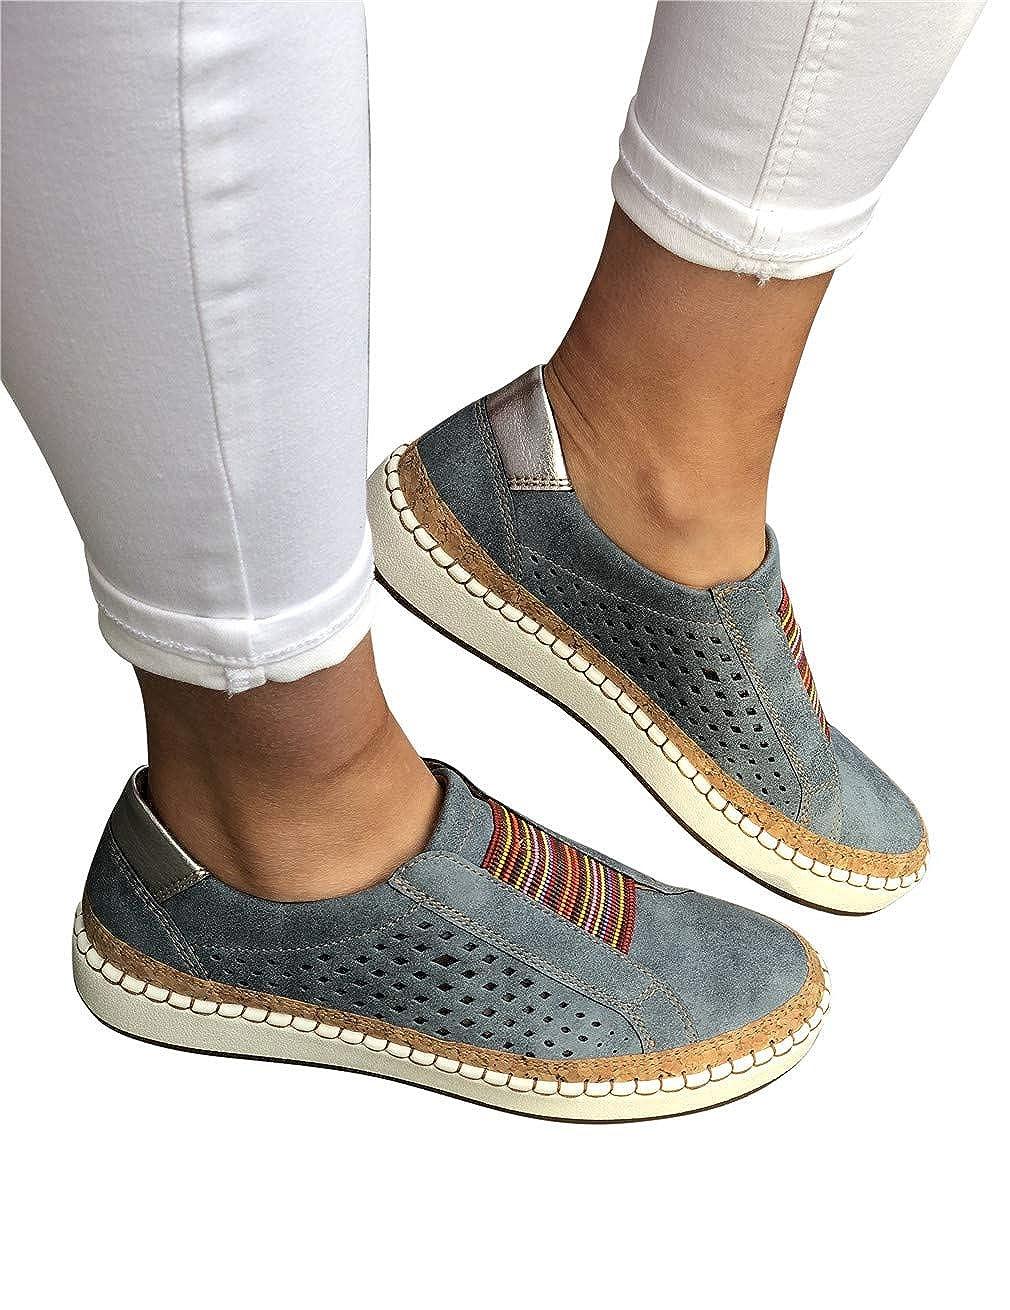 Mocassins Femme PU Cuir Plates Compens/ées Loafers Bateau Plateforme Casual Ville Confort Conduite Chaussures Basses Baskets Blanc Rouge Bleu Vert 35-43 EU